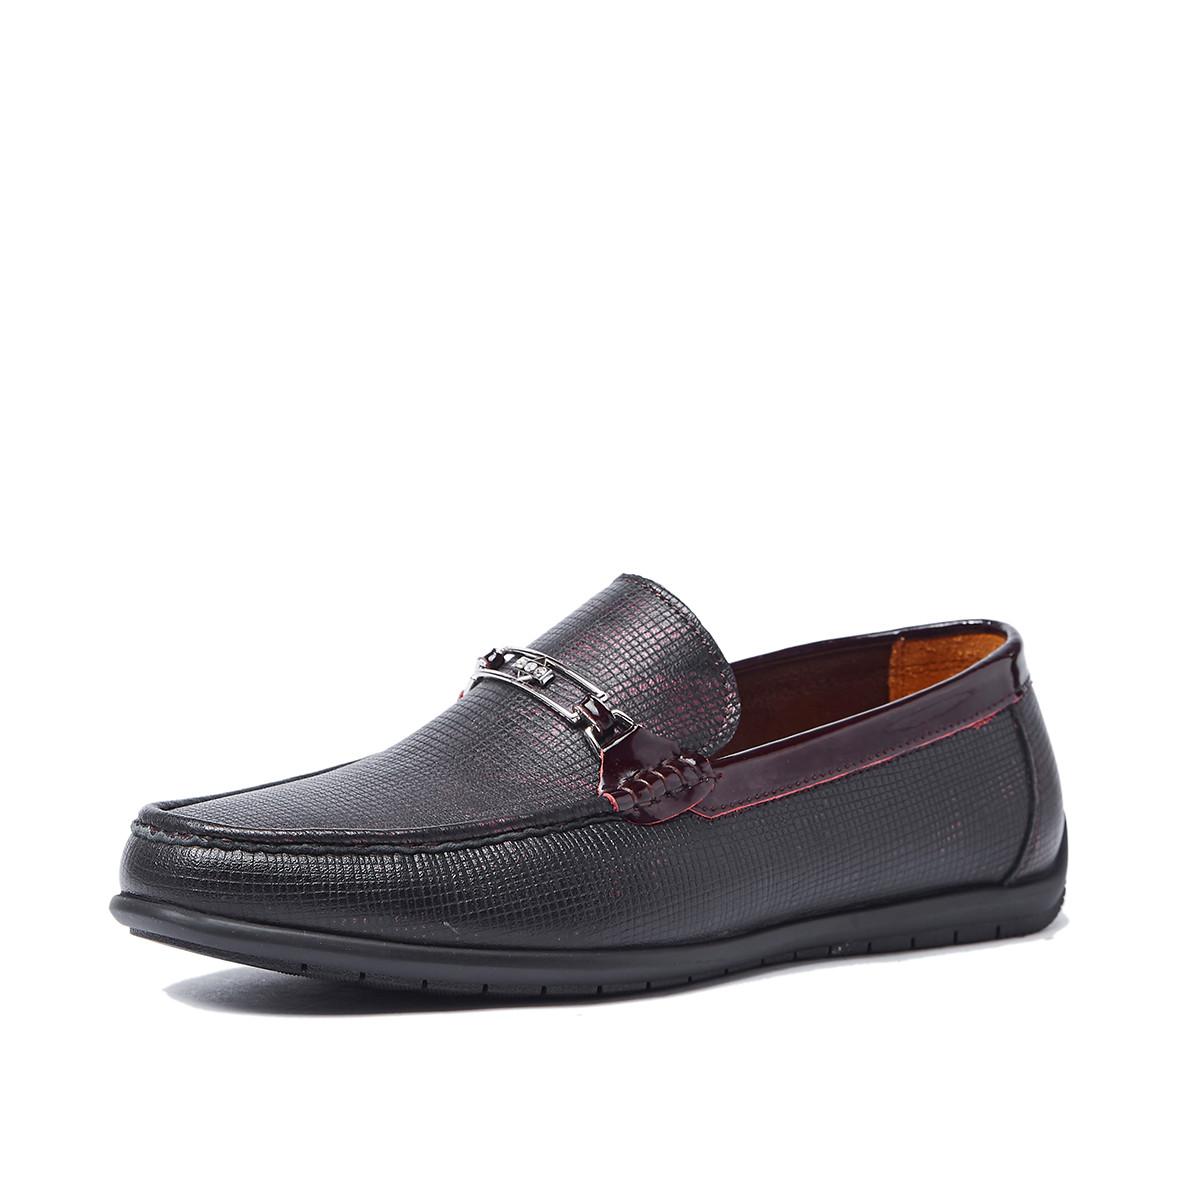 迪宝·阿治奥2019新品 蜥蜴纹牛皮一脚蹬男鞋商务男鞋男士皮鞋DJ1A2591251D